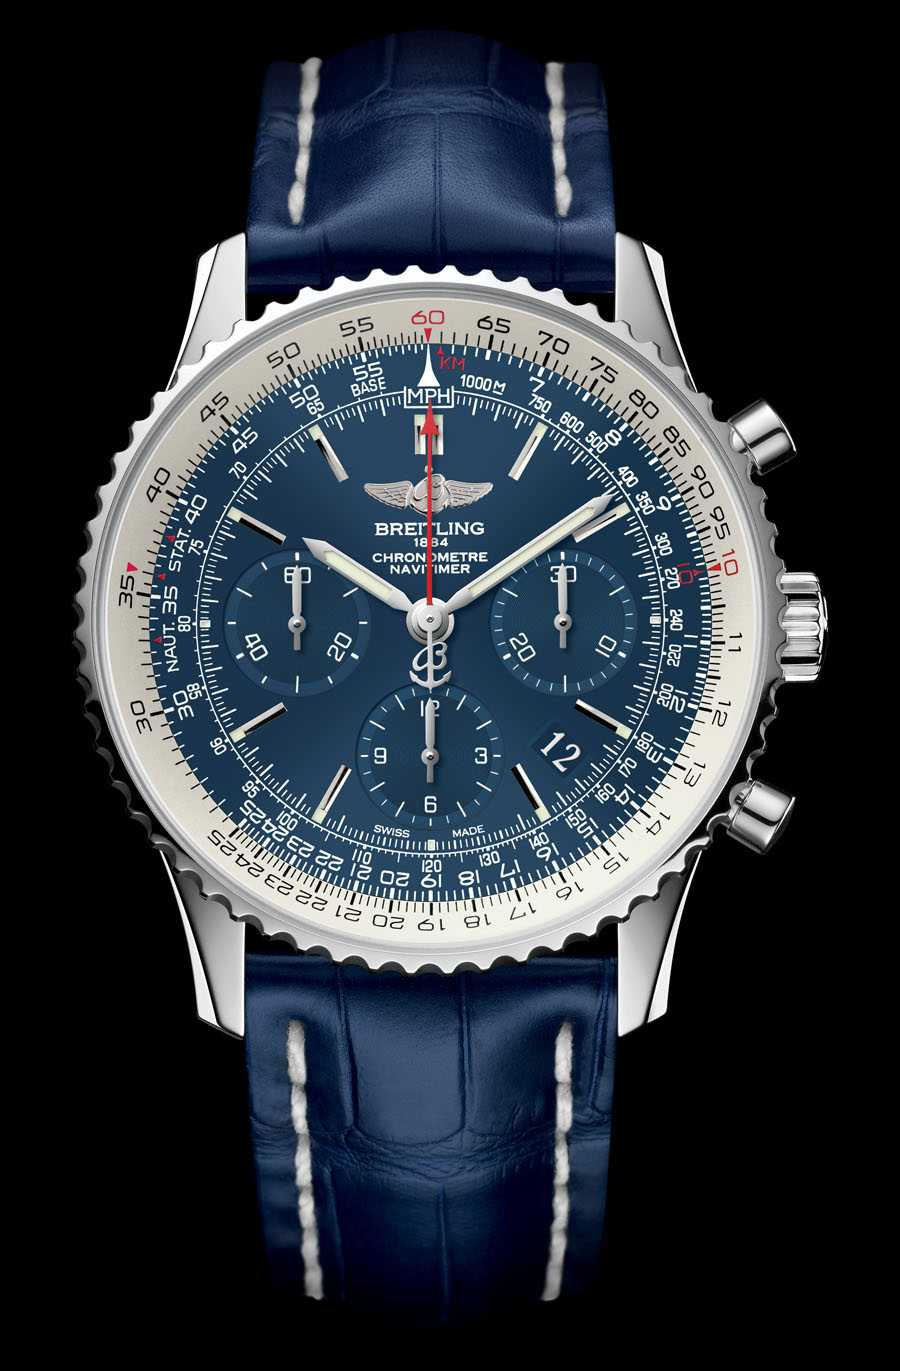 Zum 60. Jahrestag: der Breitling Navitimer Blue Sky 60th Anniversary Limited